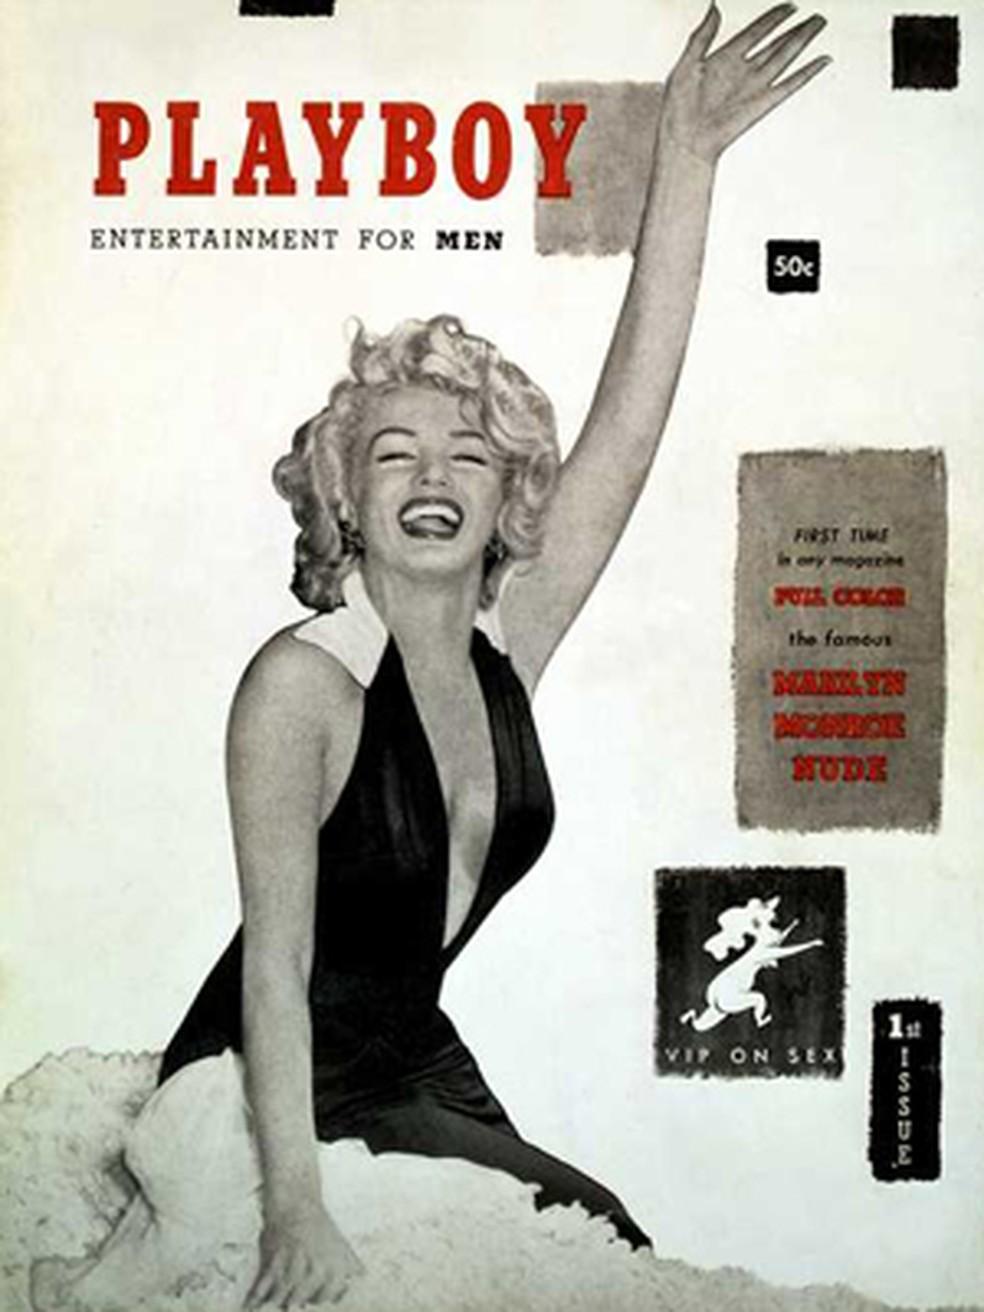 Playboy, revista lançada em 1953 com uma capa sexy de Marilyn Monroe (Foto: Reprodução)